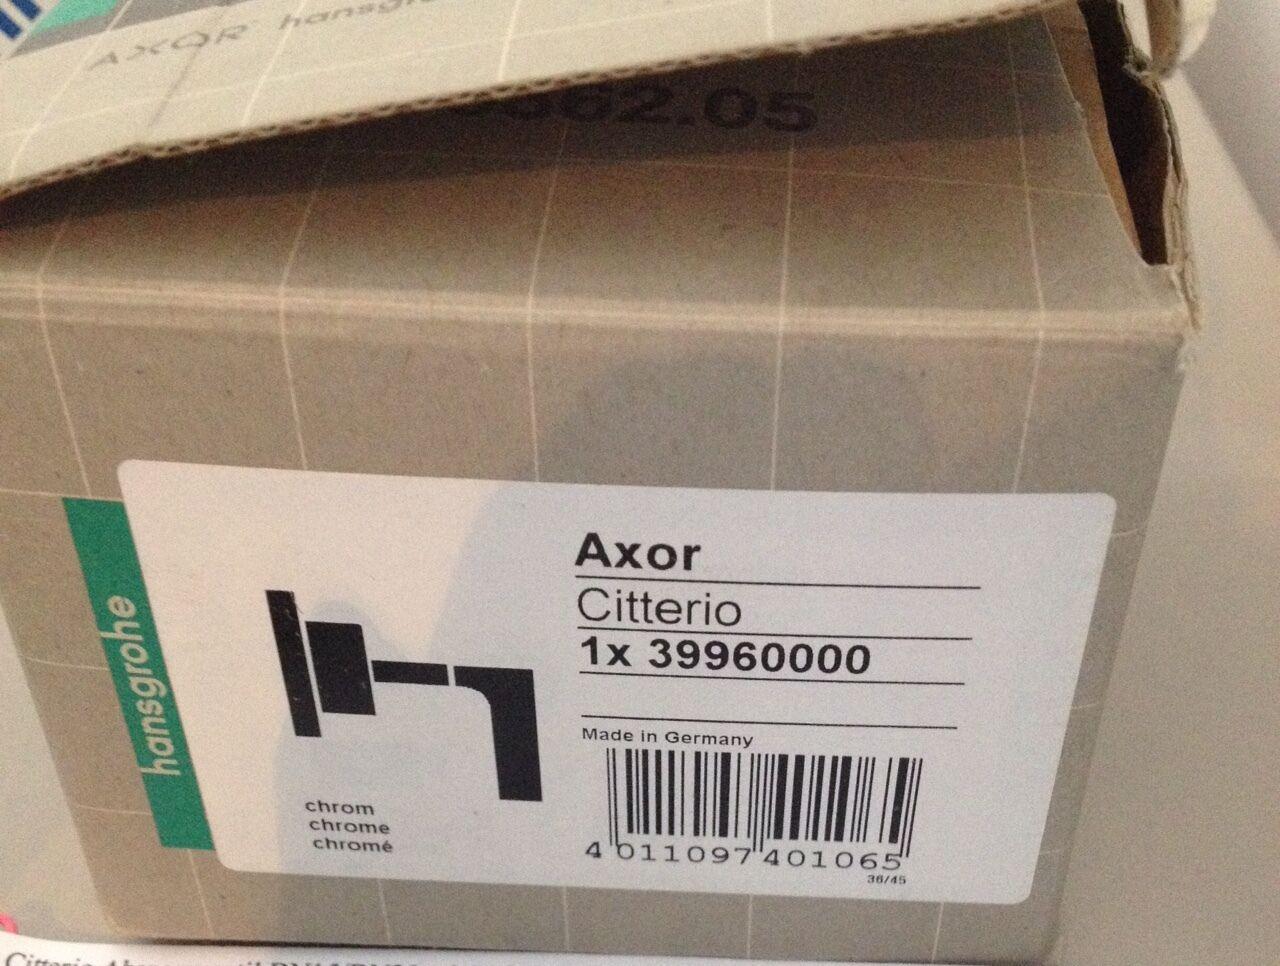 Axor Citterio, Hansgrohe, Absperrventil, mit Hebelgriff, chrom, 39960000 | Tadellos  | Preiszugeständnisse  | New Product 2019  | ein guter Ruf in der Welt